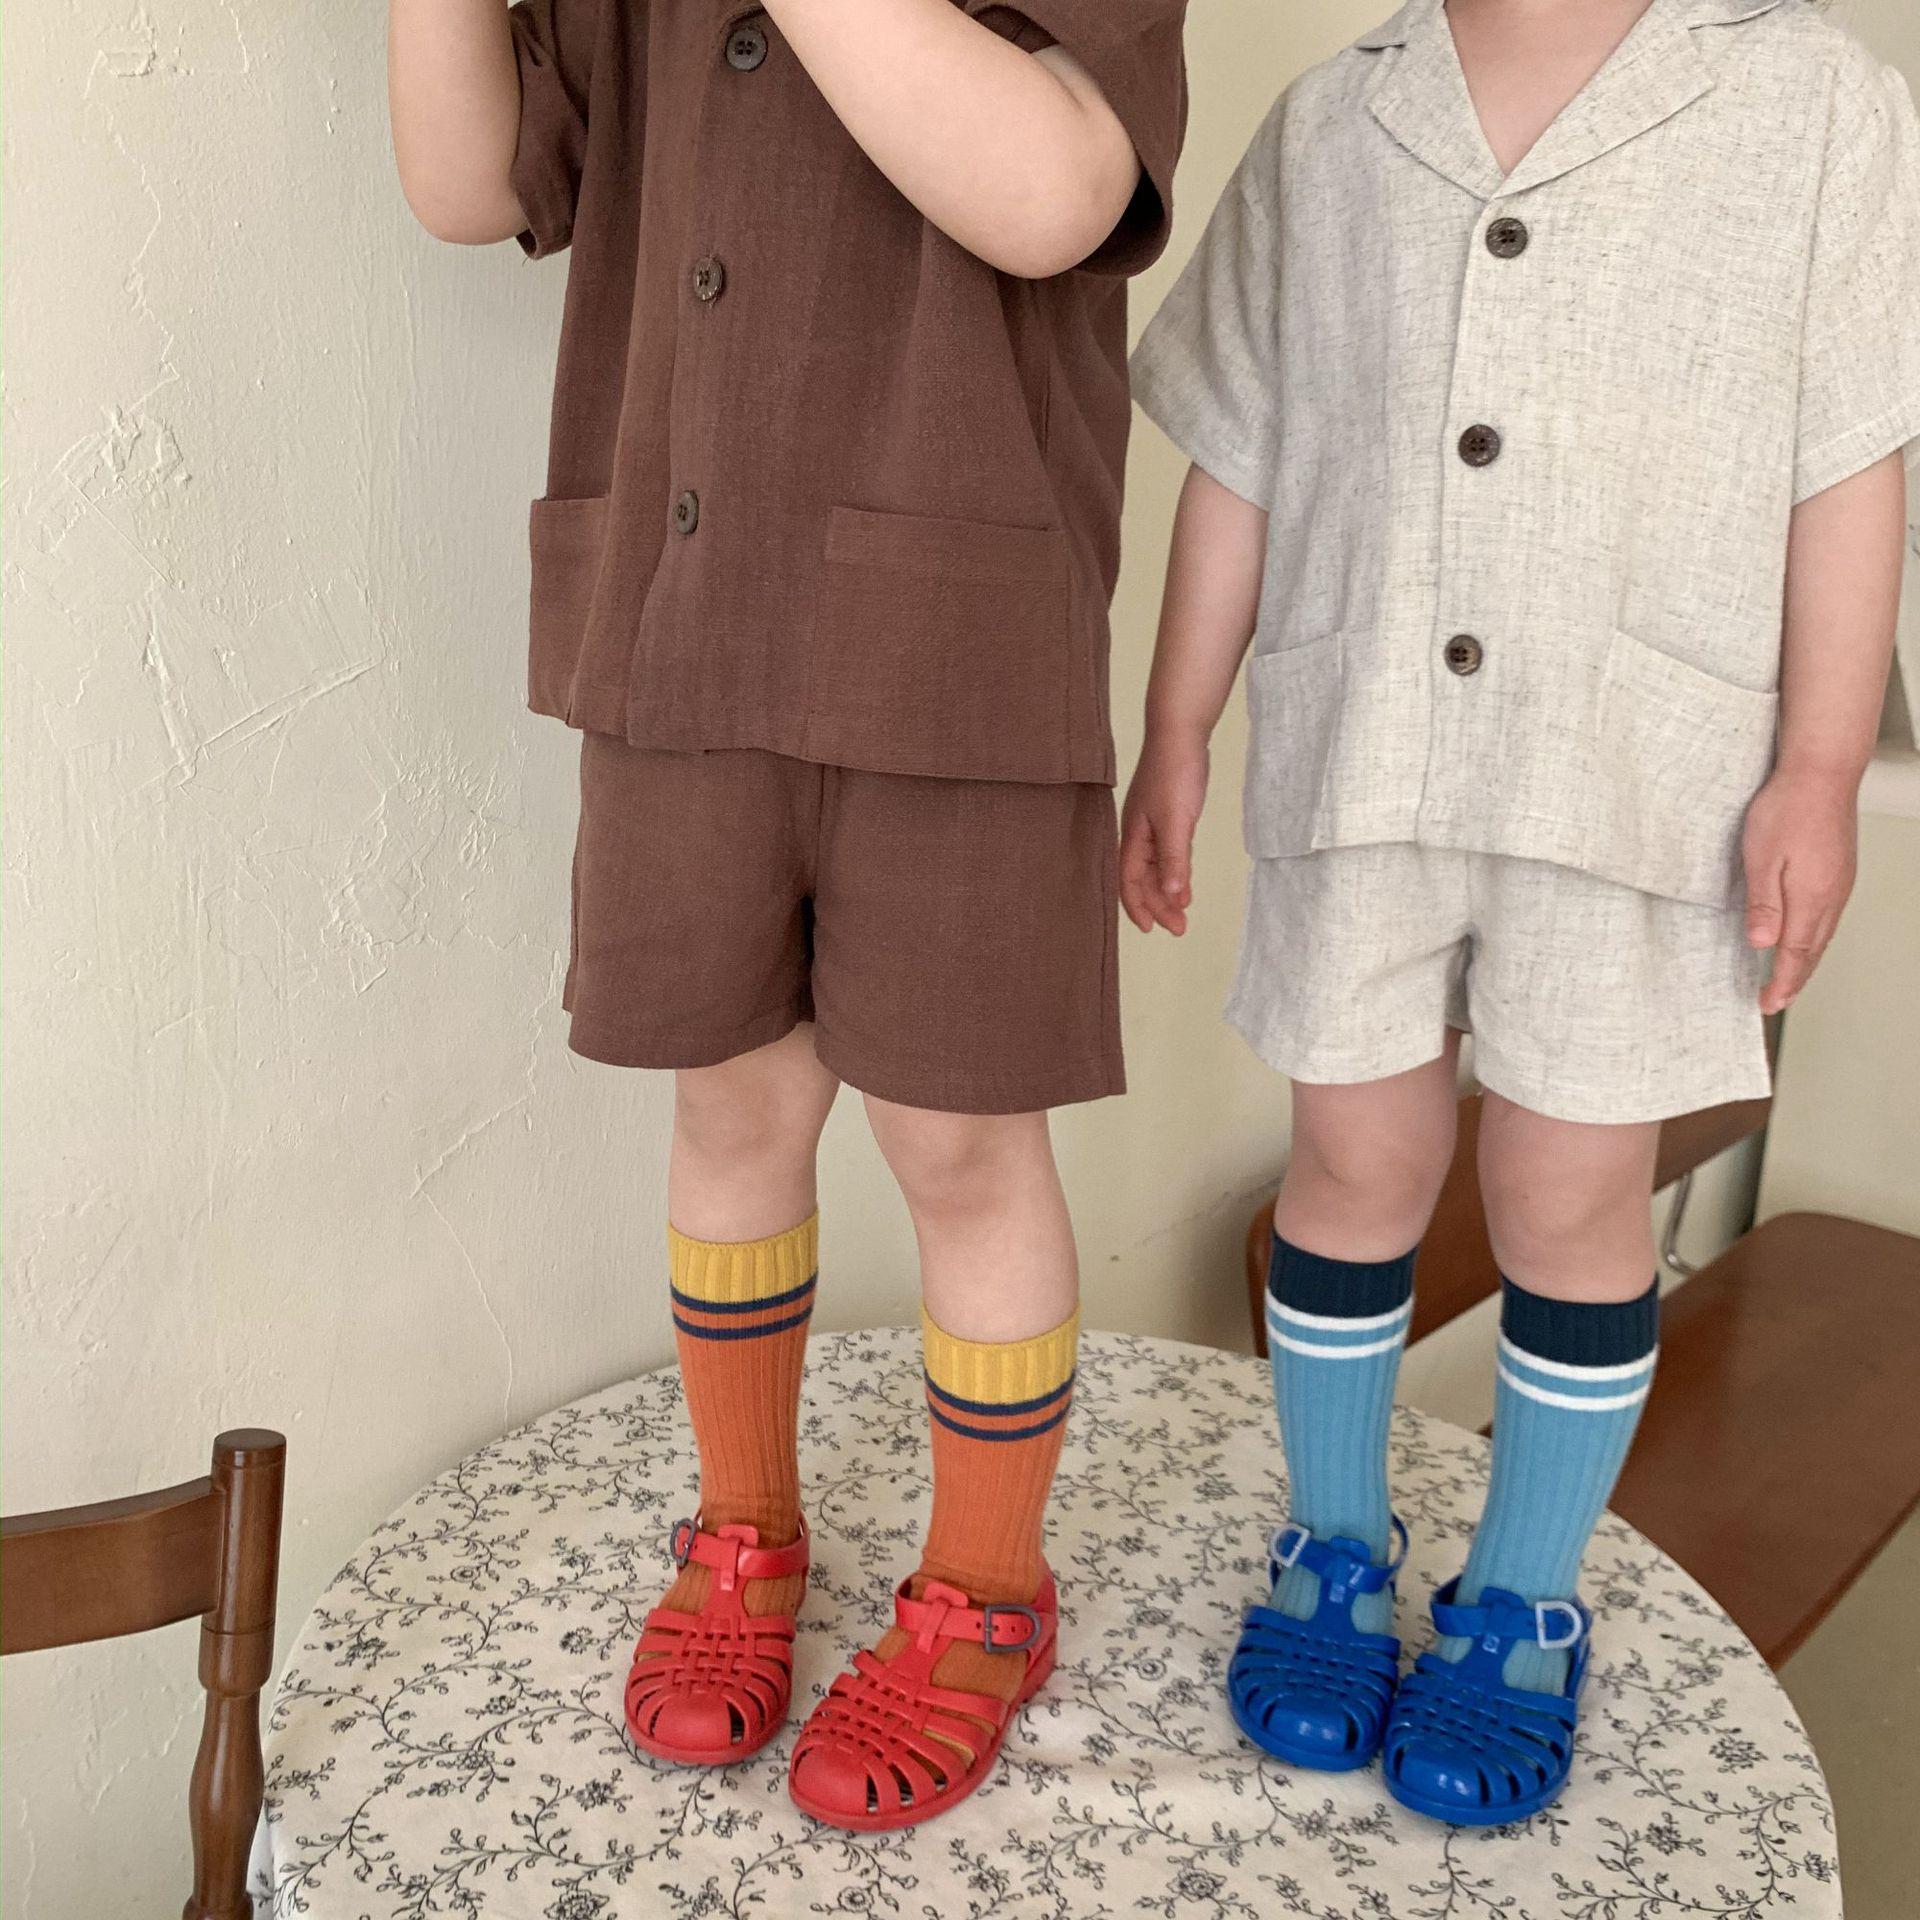 طفل رضيع فتاة الموضة الكتان جيب الديكور تي شيرتات قصيرة الاكمام + طفل صبي الصلبة السراويل غير رسمية بانت 2 قطعة ملابس الأطفال